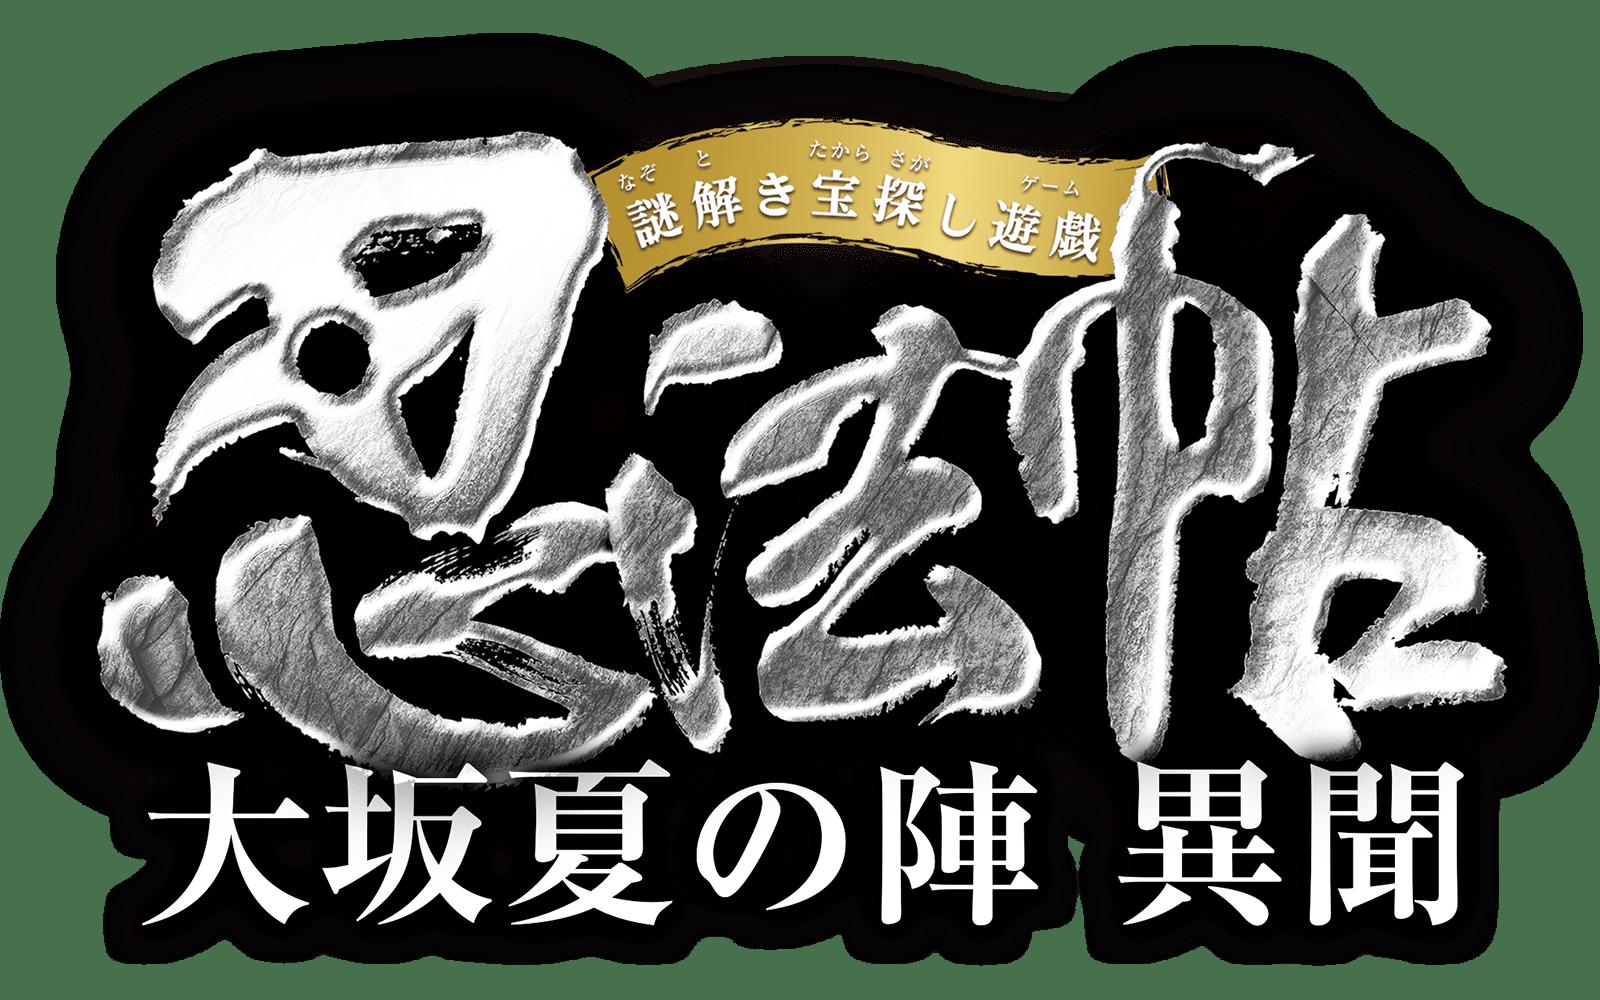 登別伊達時代村 忍法帖 ~大坂夏の陣 異聞~